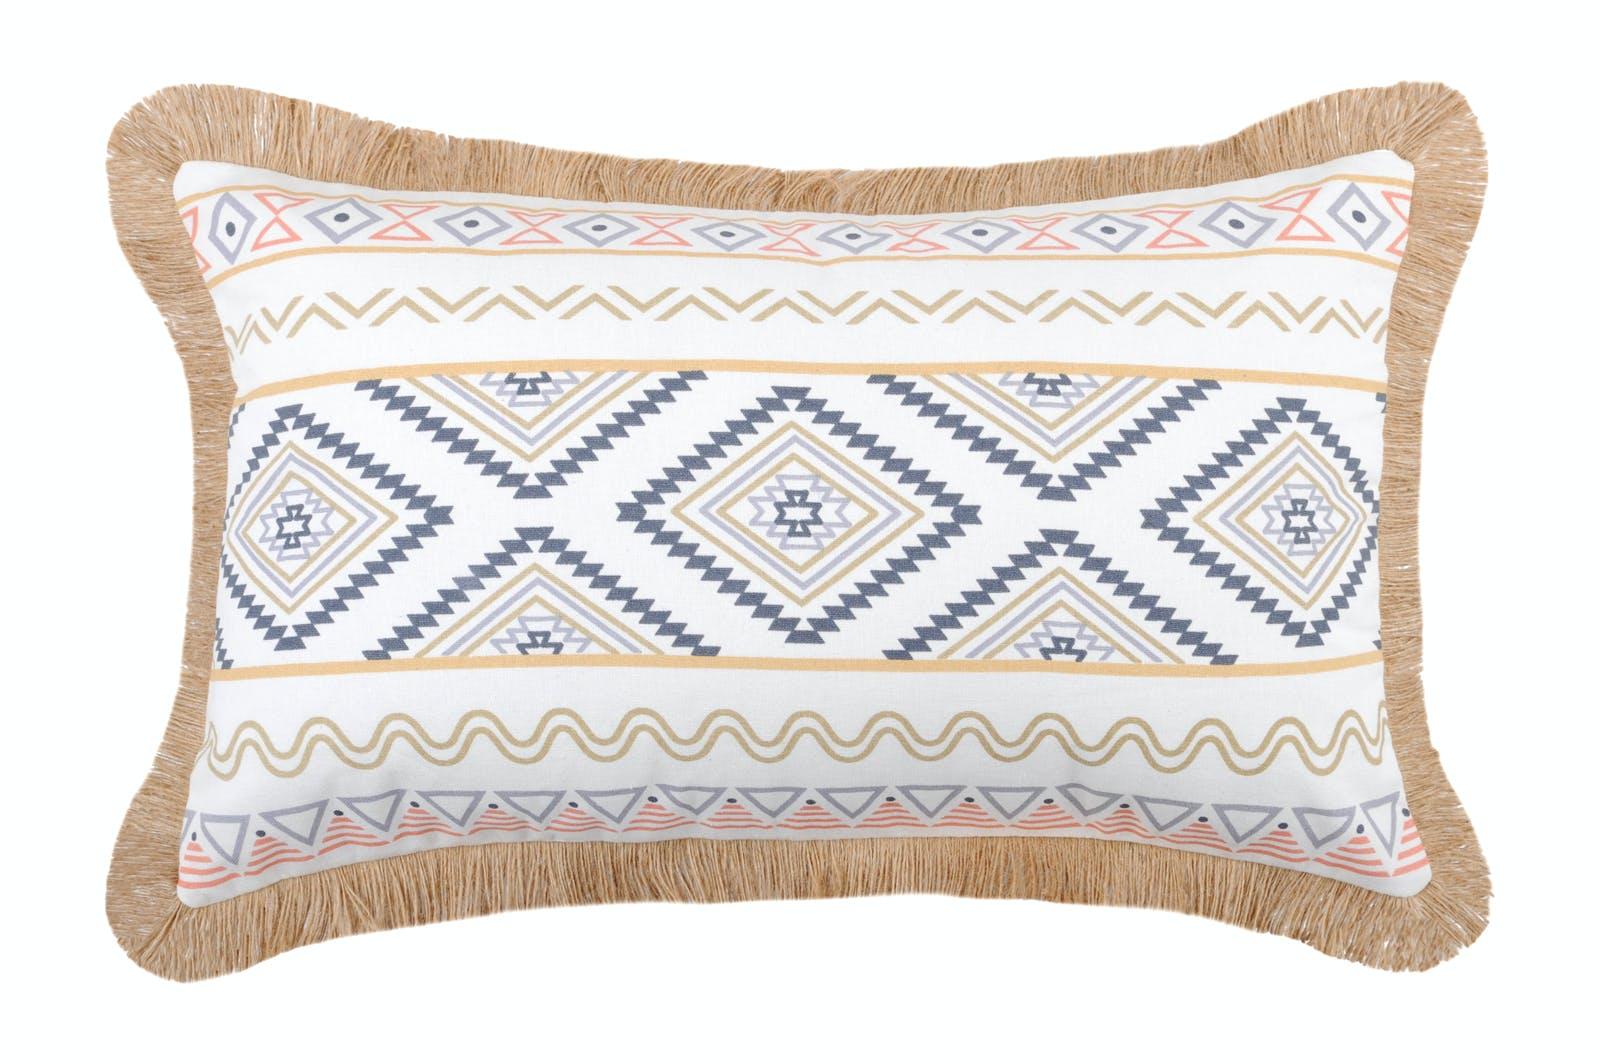 Coussin blanc imprimé géométrique et frange beige 30x50cm en coton ORYLIA